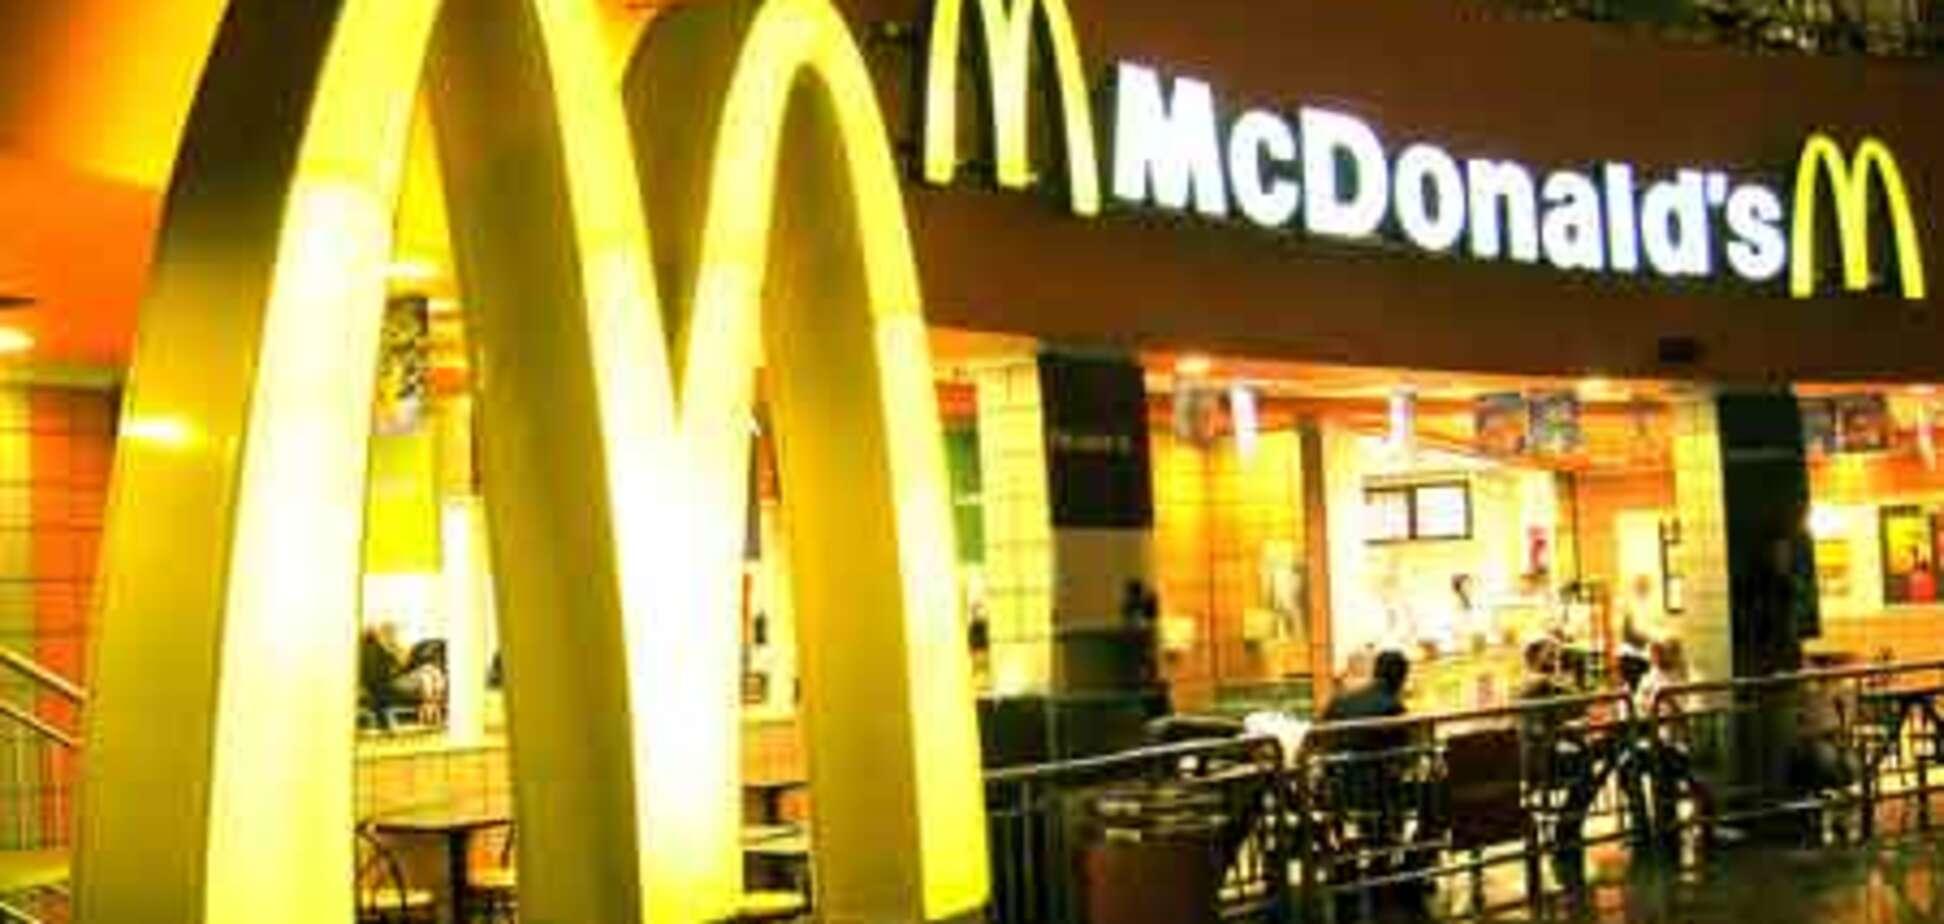 ТОП-10 самых красивых «Макдональдсов»